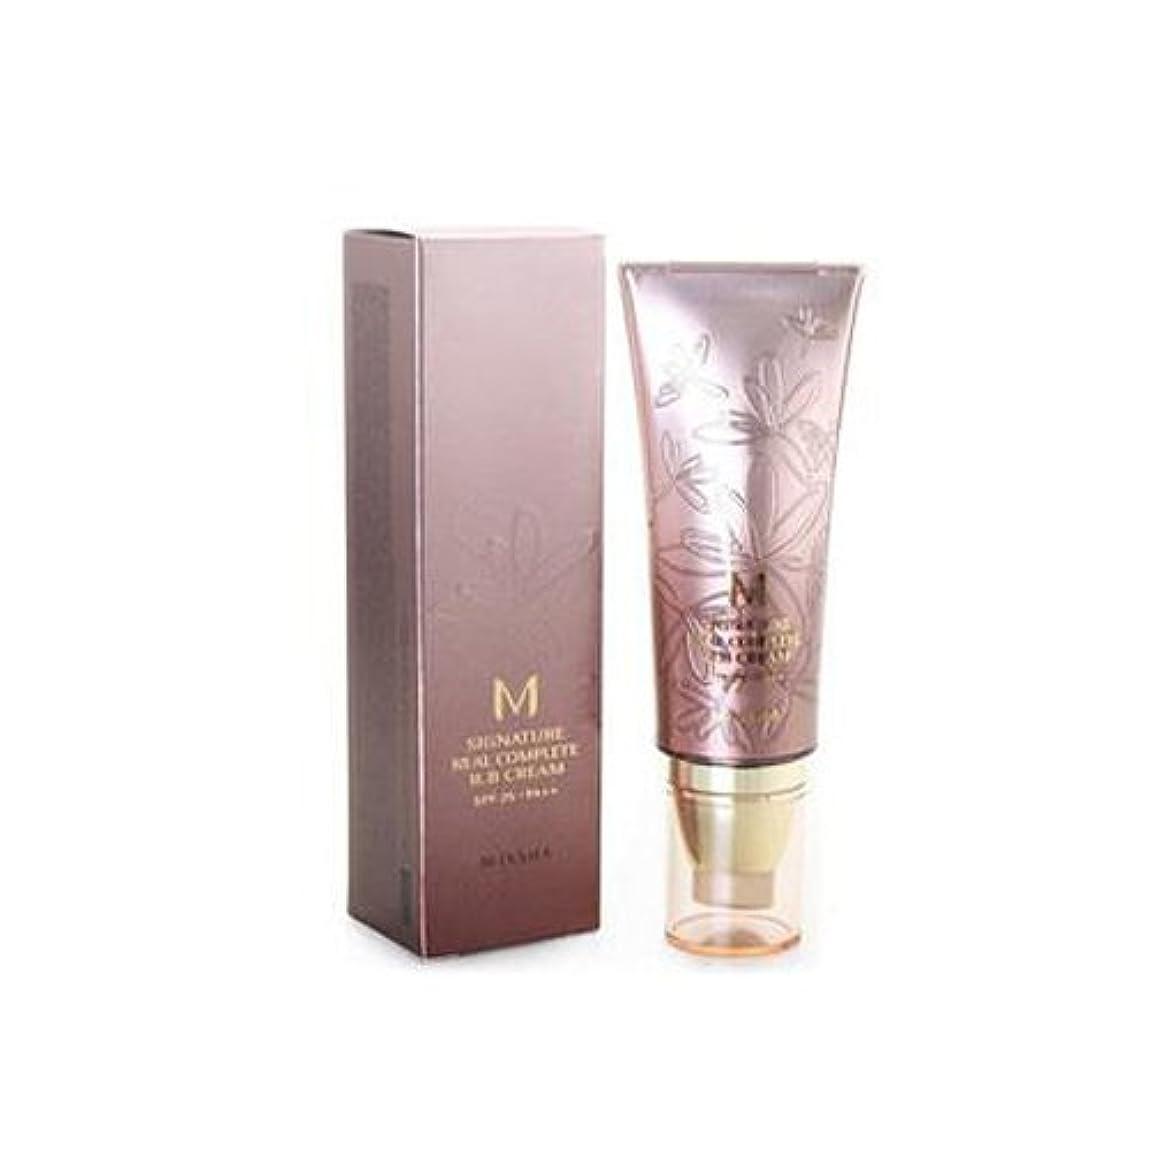 実験的感情契約MISSHA M Signature Real Complete B.B Cream SPF 25 PA++ No. 21 Light Pink Beige (並行輸入品)